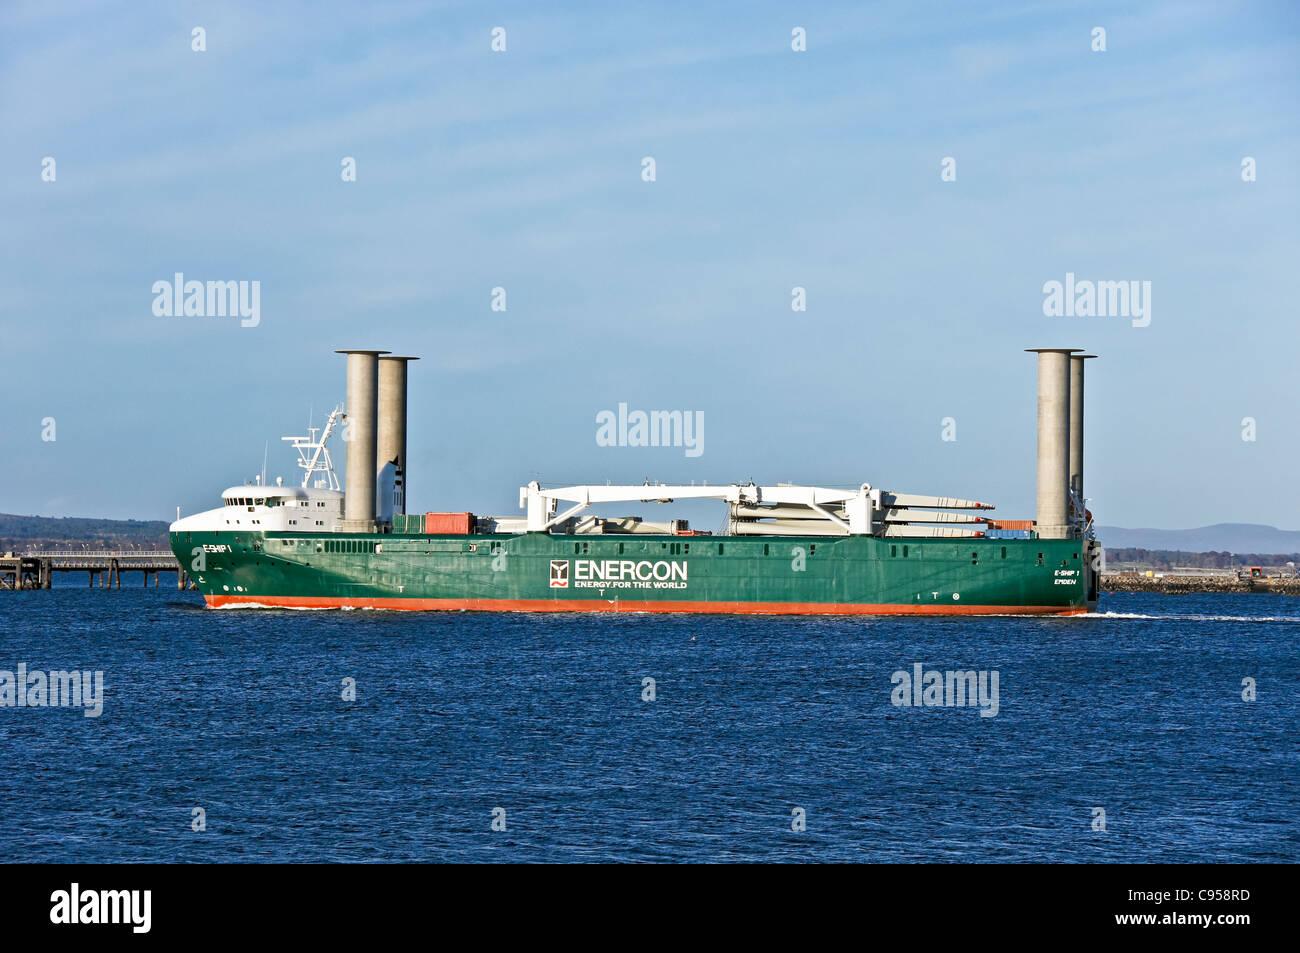 Enercon E Ship 1 Macht Seinen Weg Vorbei Nigg Im Besitz Gegenüber